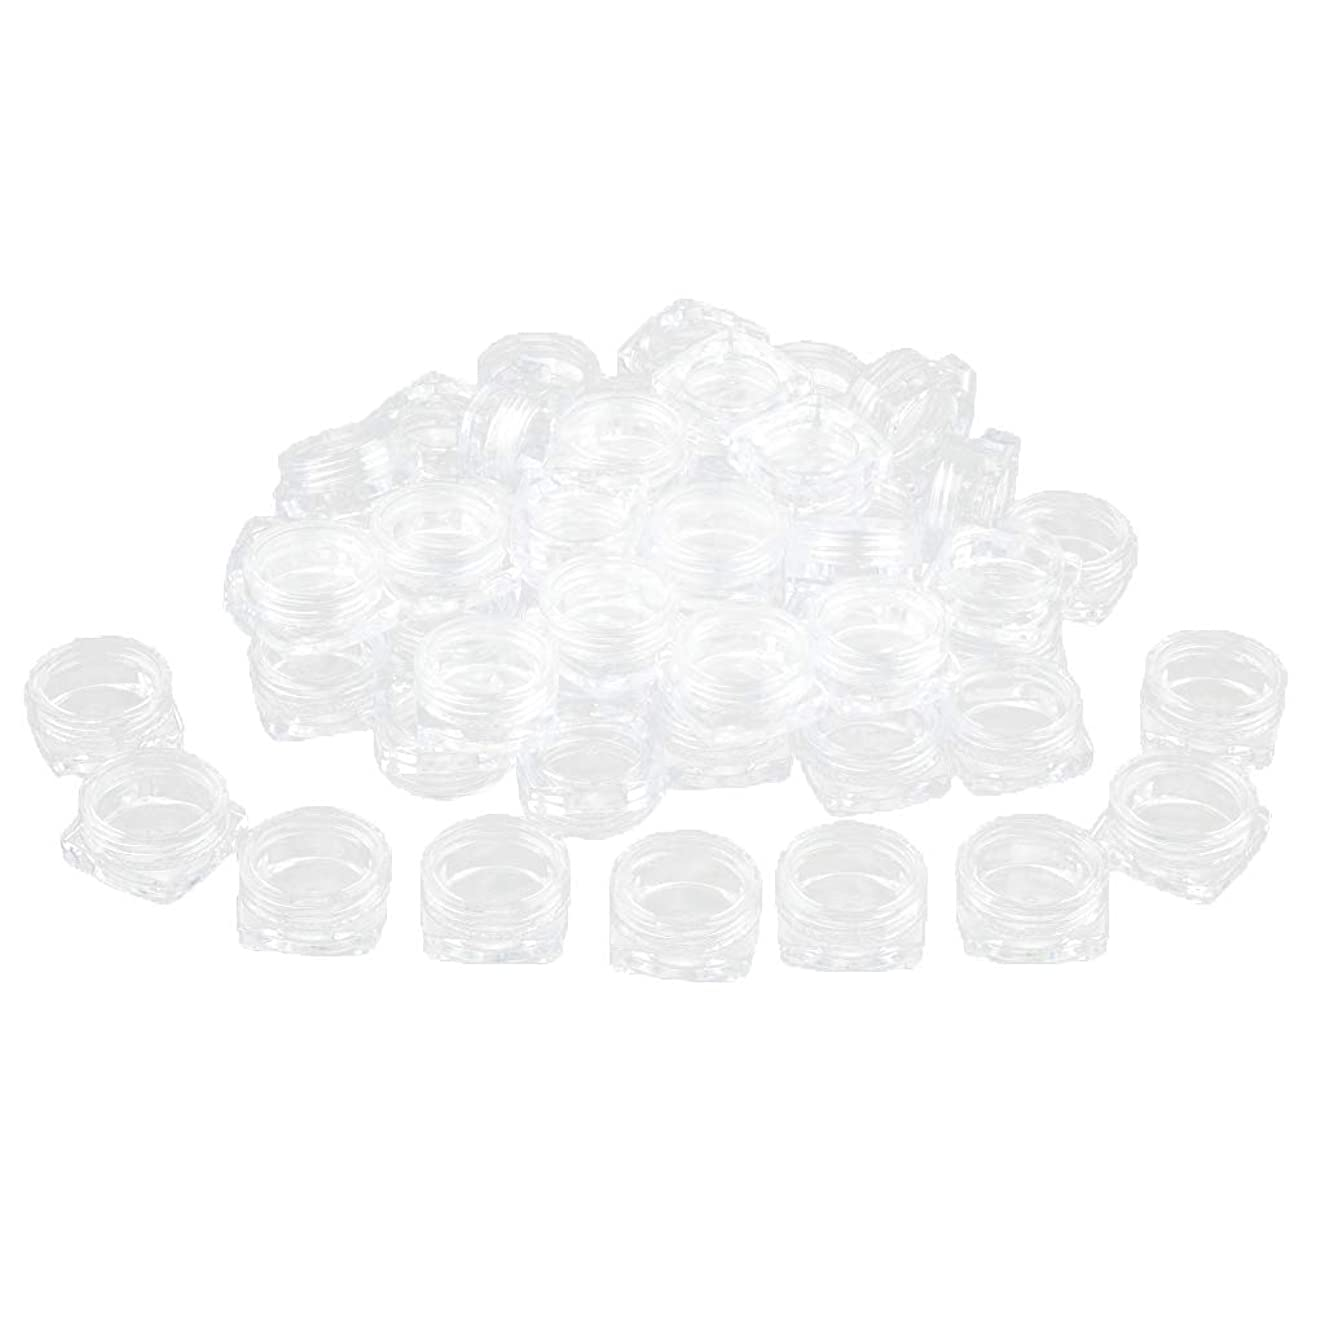 有効再びブラケットFLAMEER 約50個 化粧ポット ローションジャー サンプルボトル コスメ 化粧品 詰替え容器 クリア - 2g